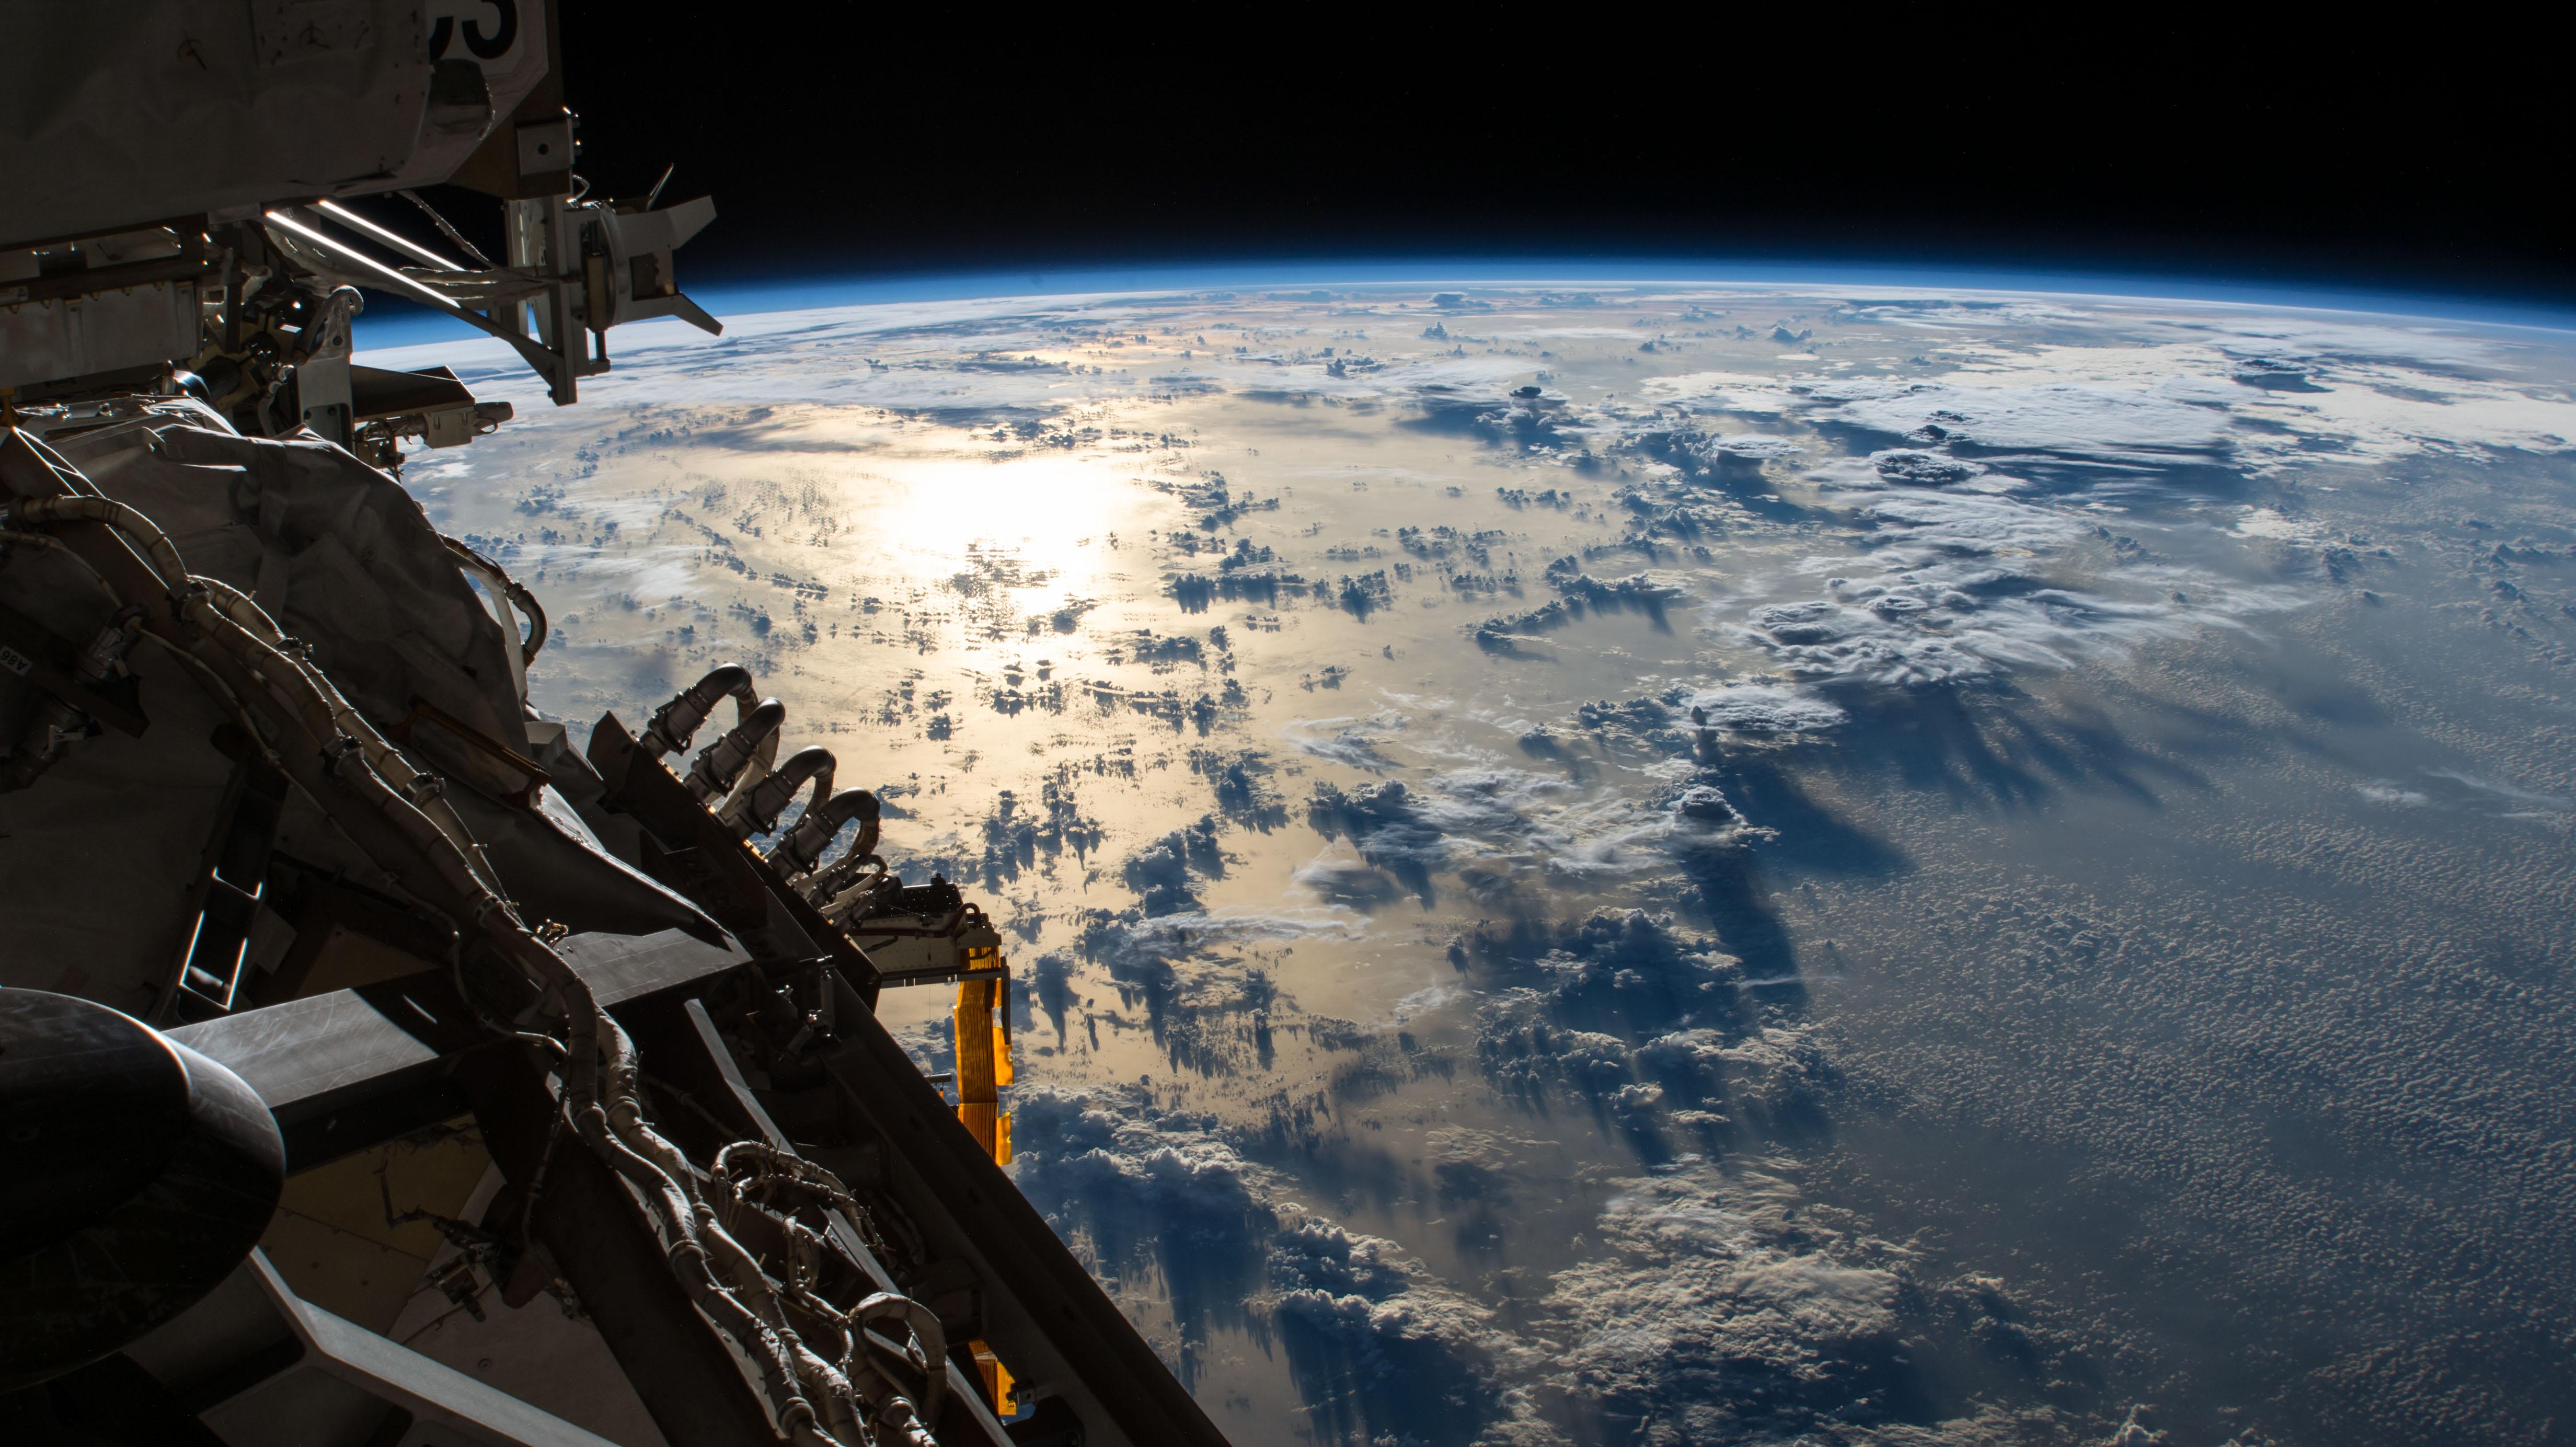 5月25日 太陽の輝きが太平洋で反射する 天文 宇宙探査ニュース